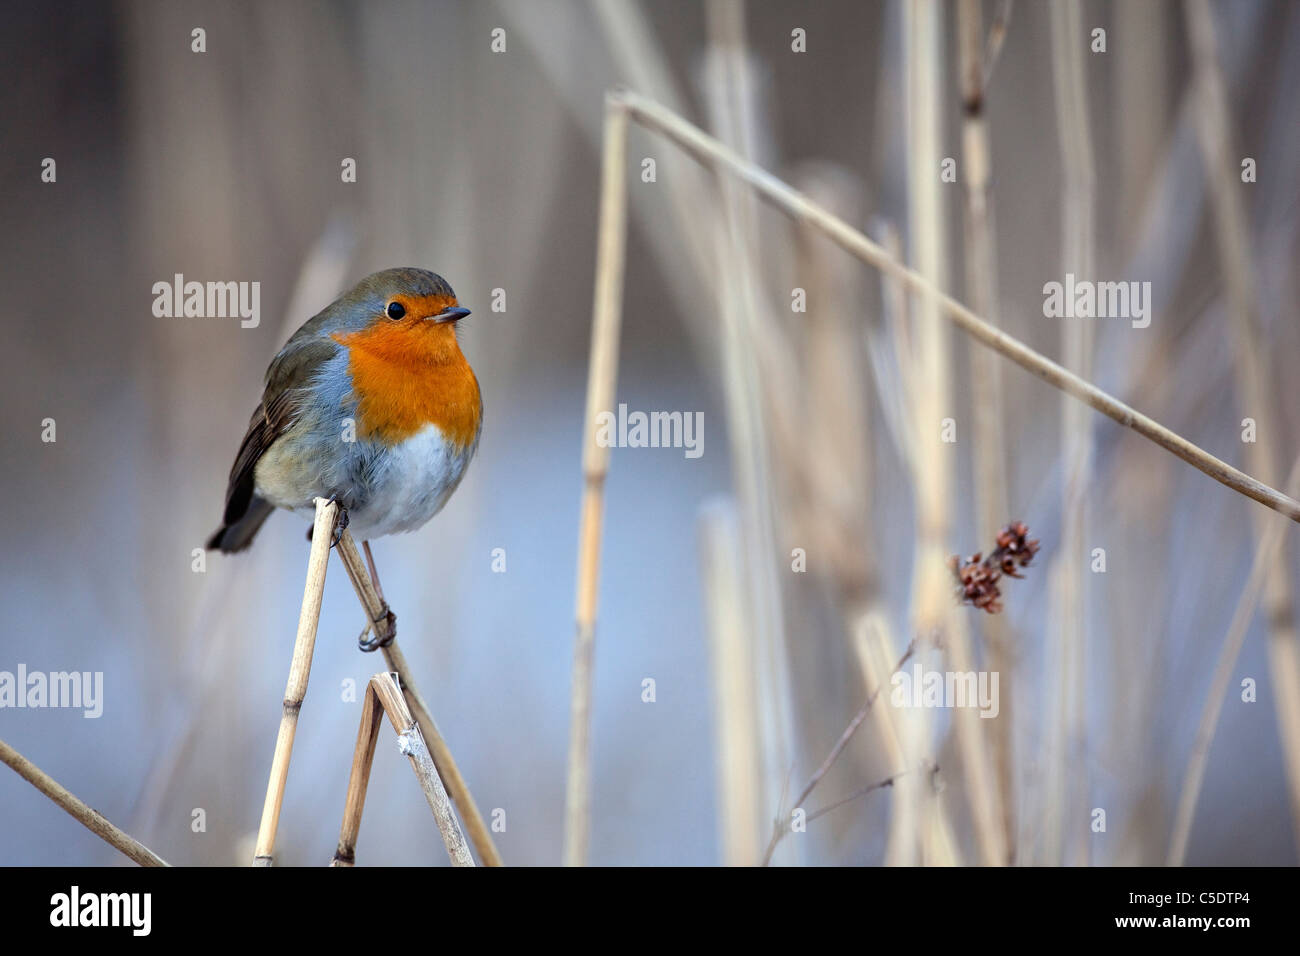 Close-up of Robin oiseau sur roseaux contre l'arrière-plan flou Banque D'Images